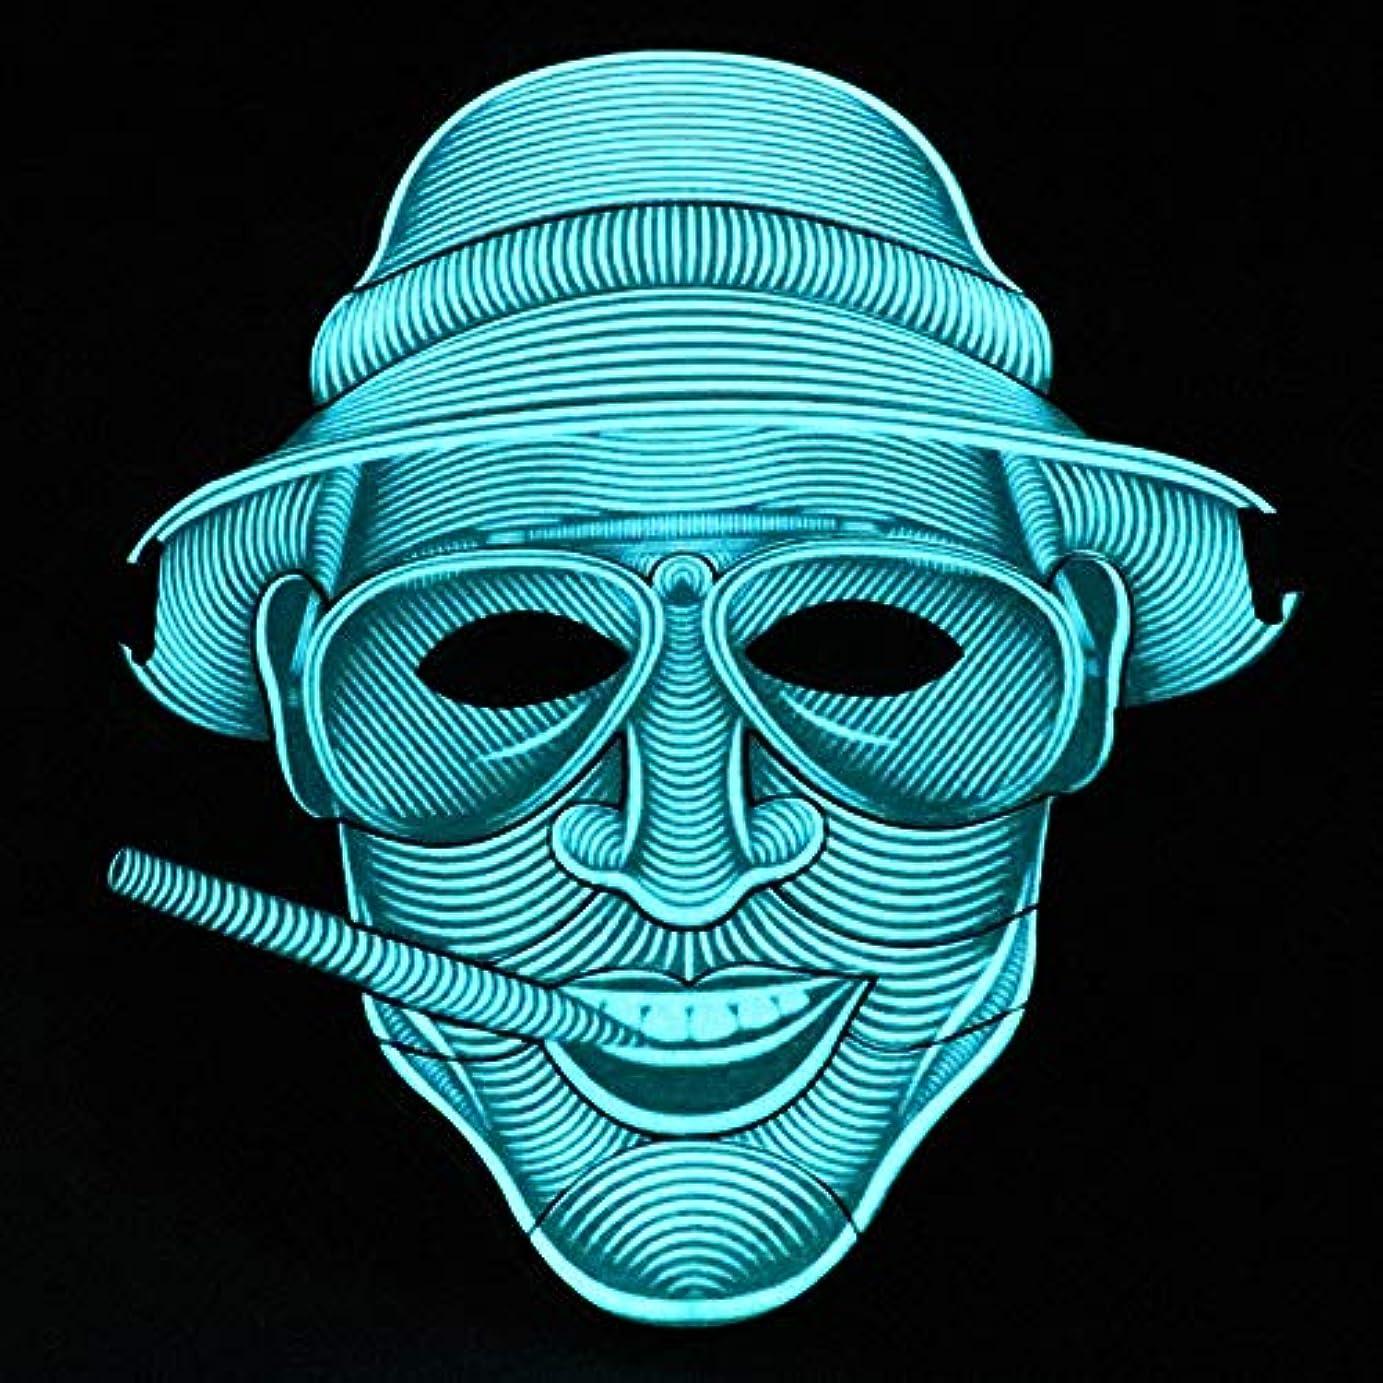 盆地主導権骨髄照らされたマスクLED創造的な冷光音響制御マスクハロウィンバーフェスティバルダンスマスク (Color : #12)